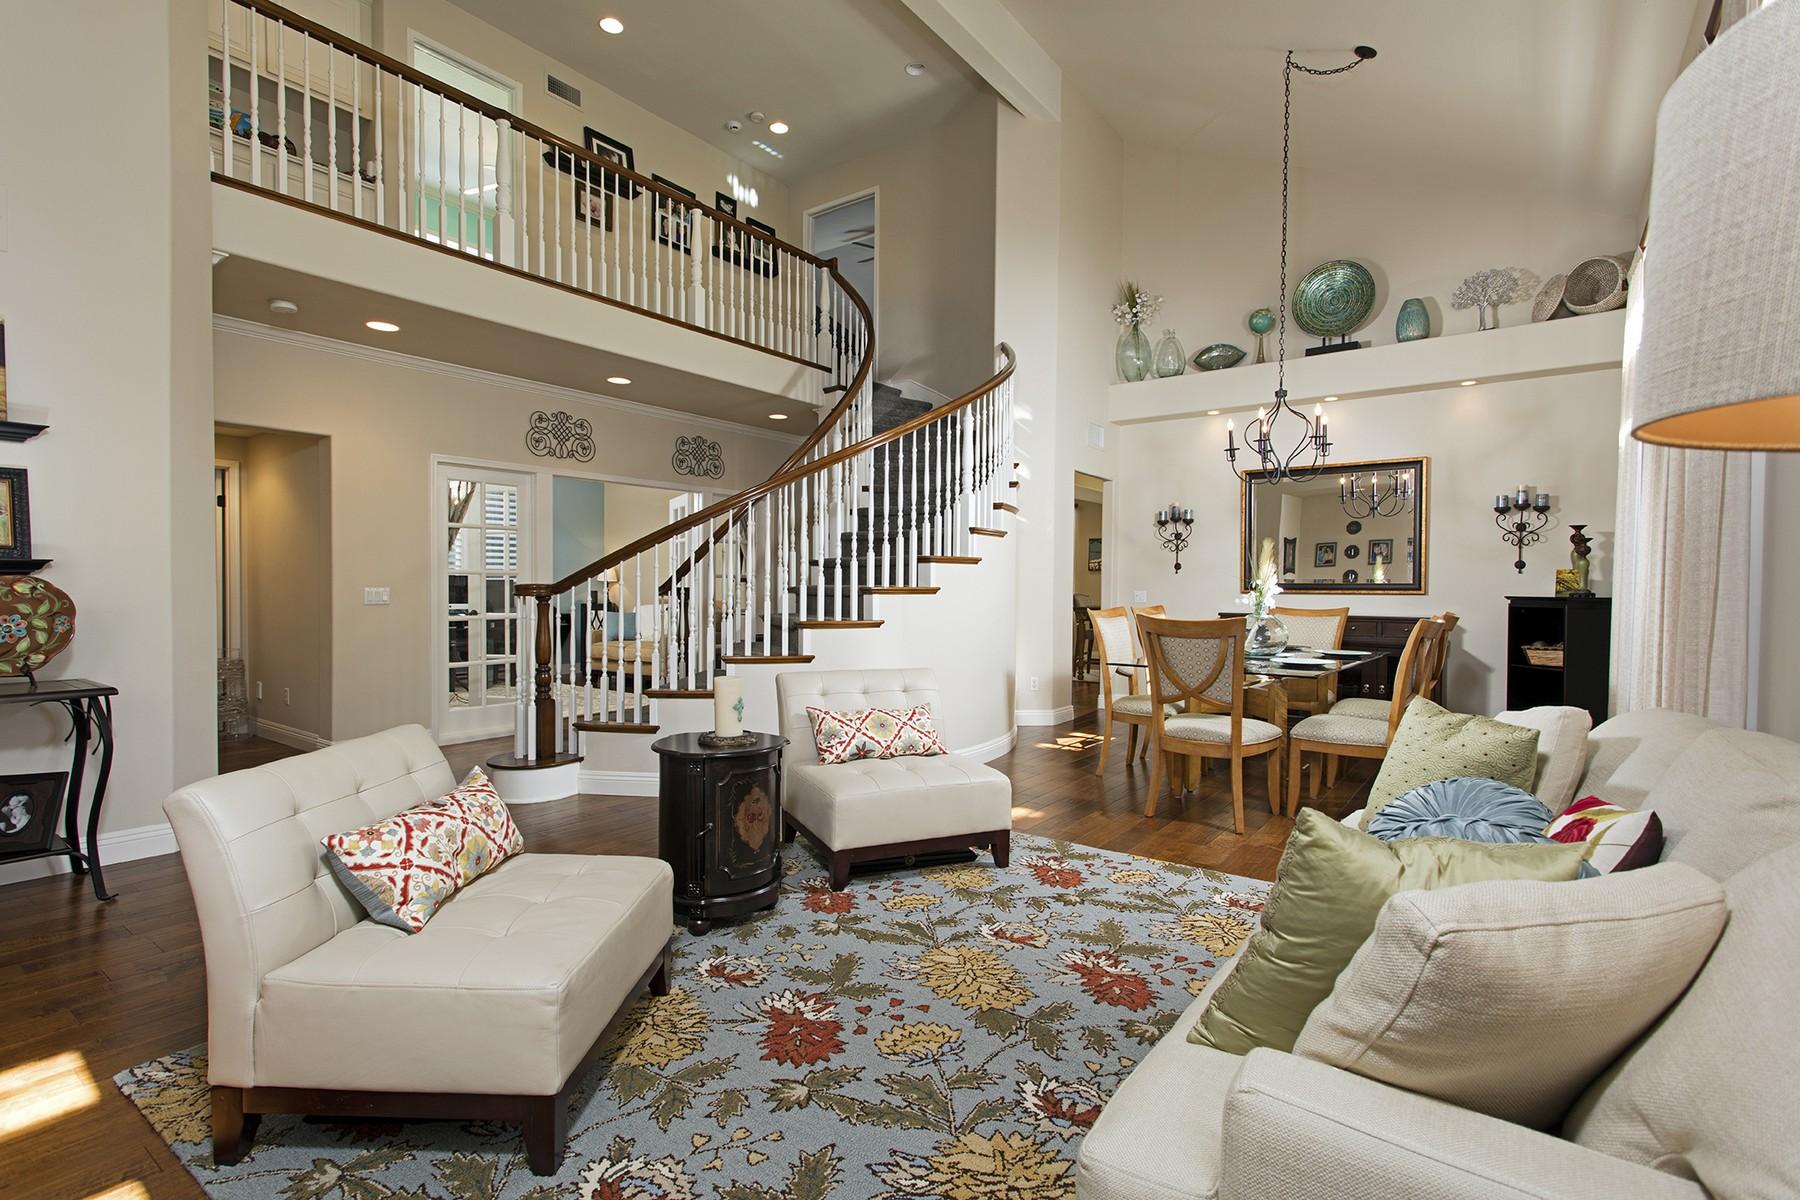 独户住宅 为 销售 在 27872 Homestead Rd. 尼古胡, 加利福尼亚州, 92677 美国